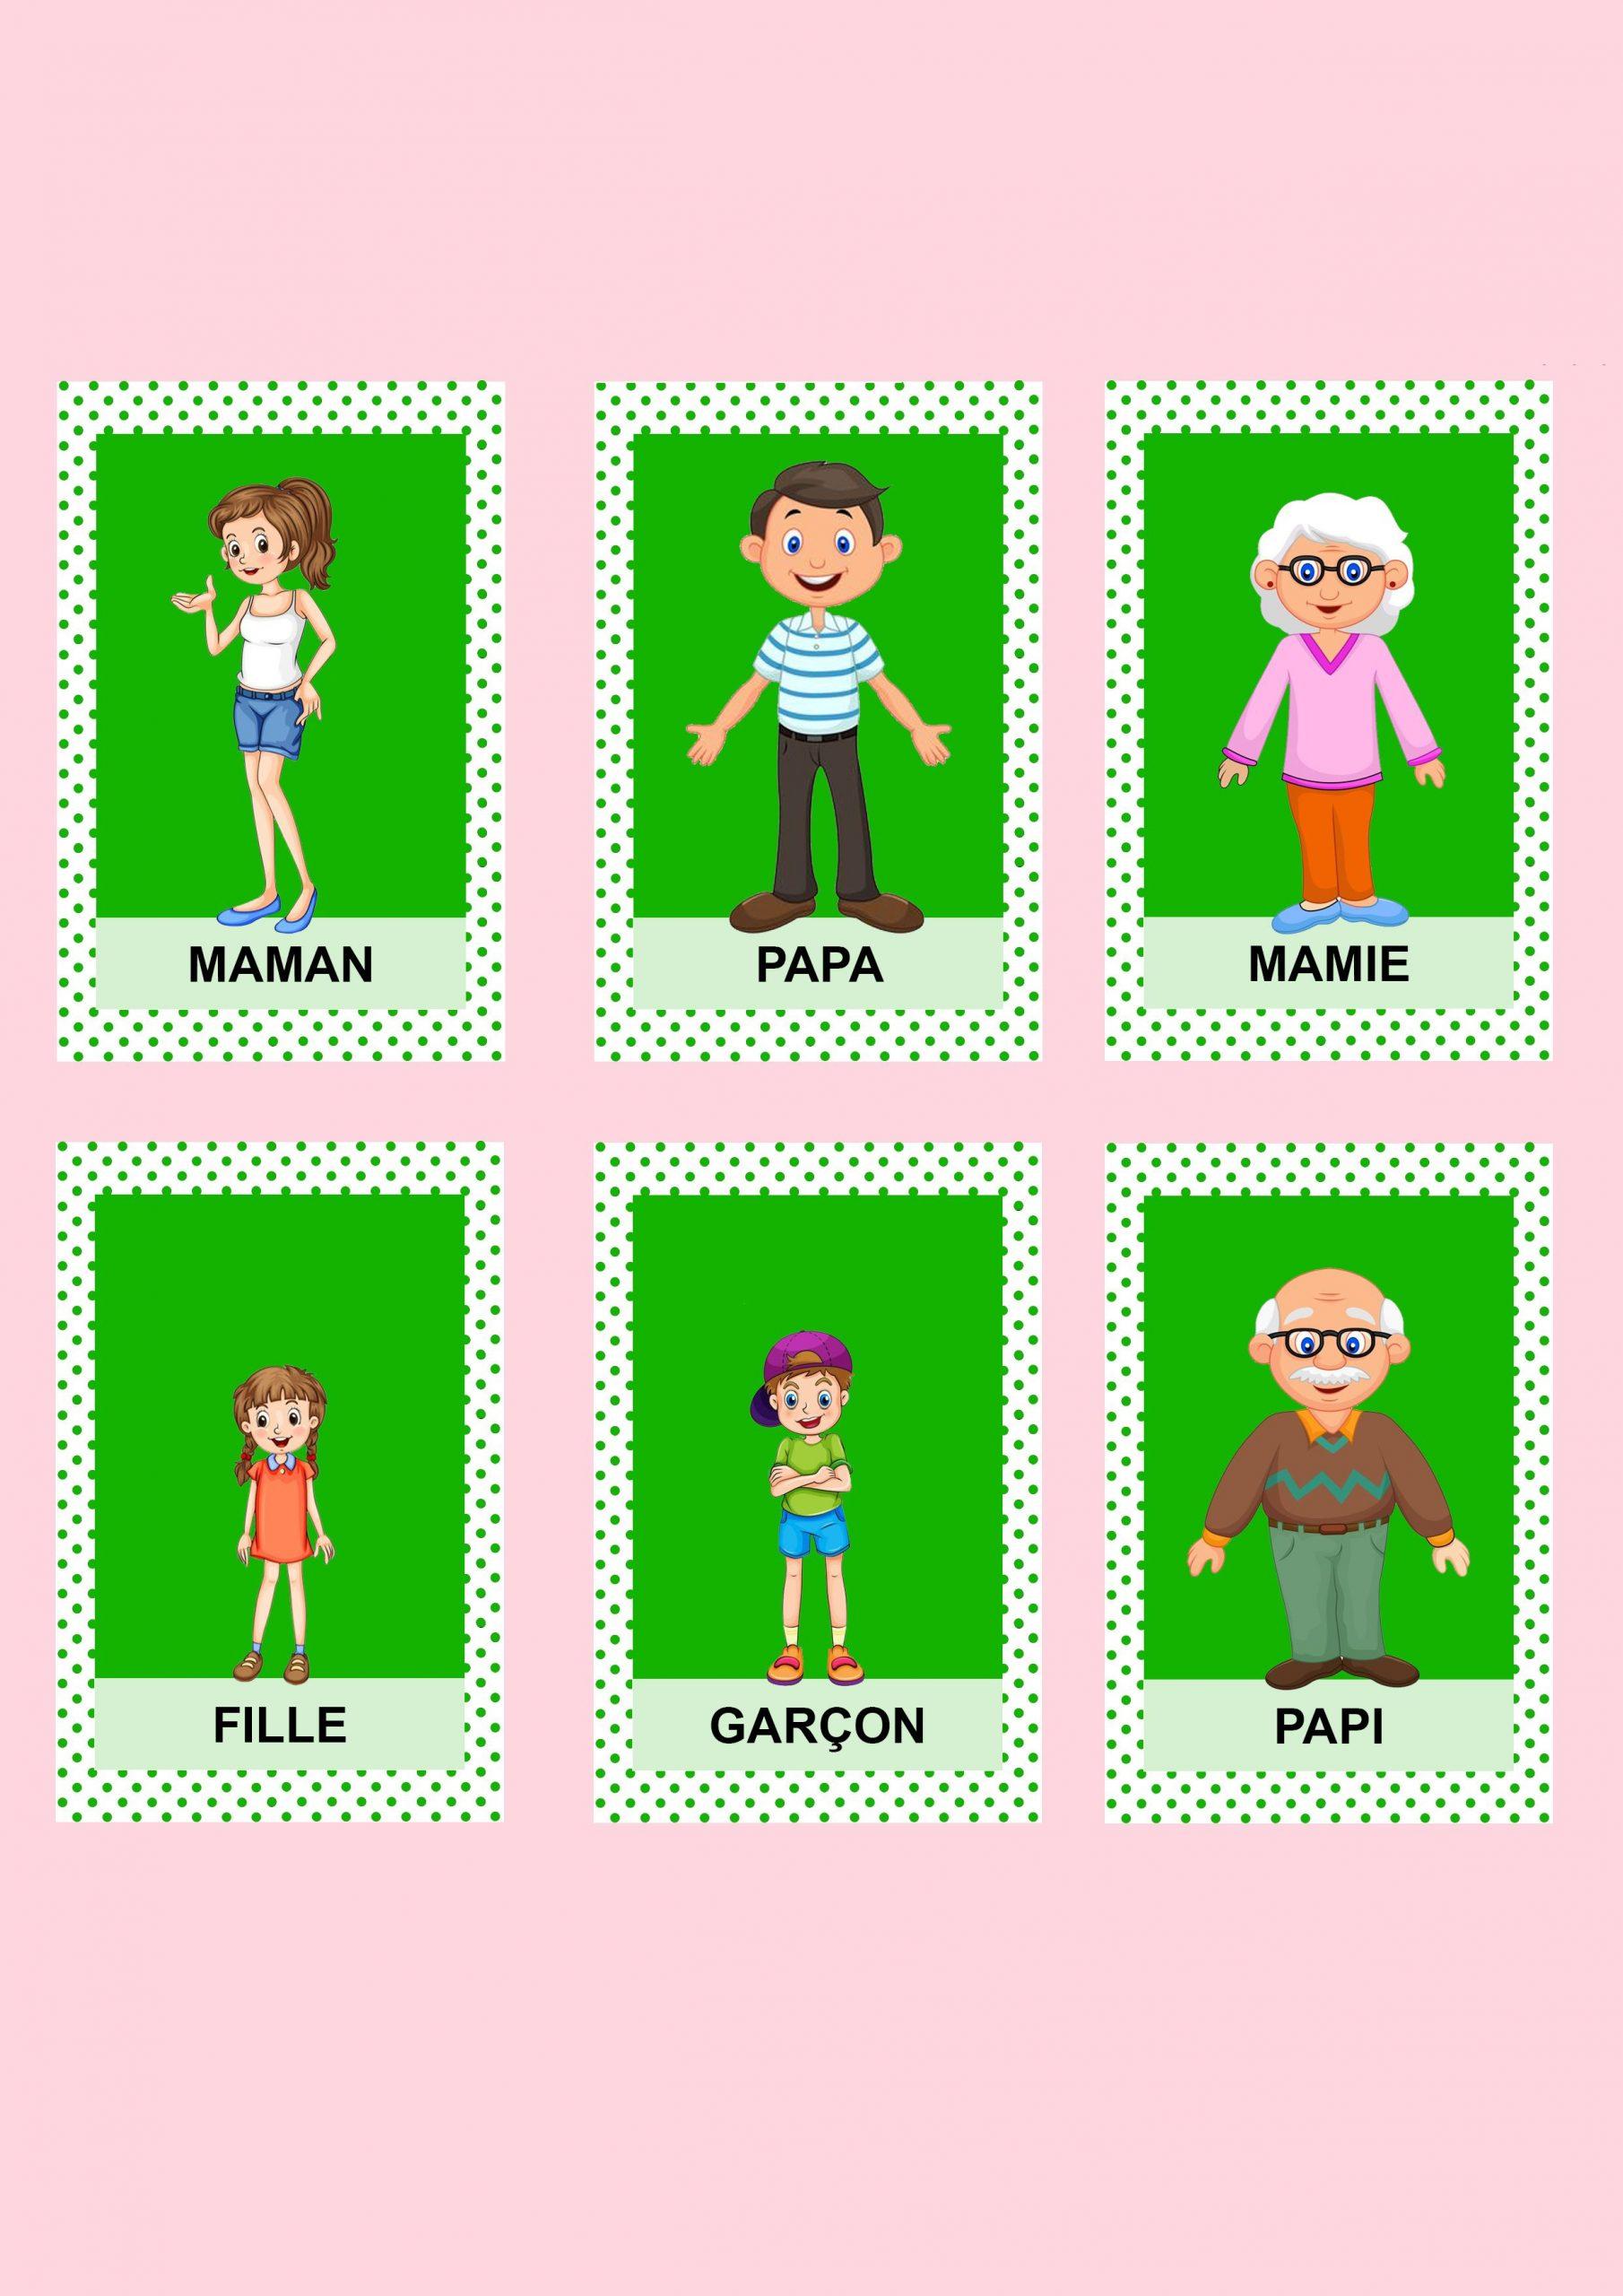 Jeu De 7 Familles   Jeux En Famille, Jeux Des 7 Familles Et Jeux pour Jeux De Gratuit Fille Et Garçon